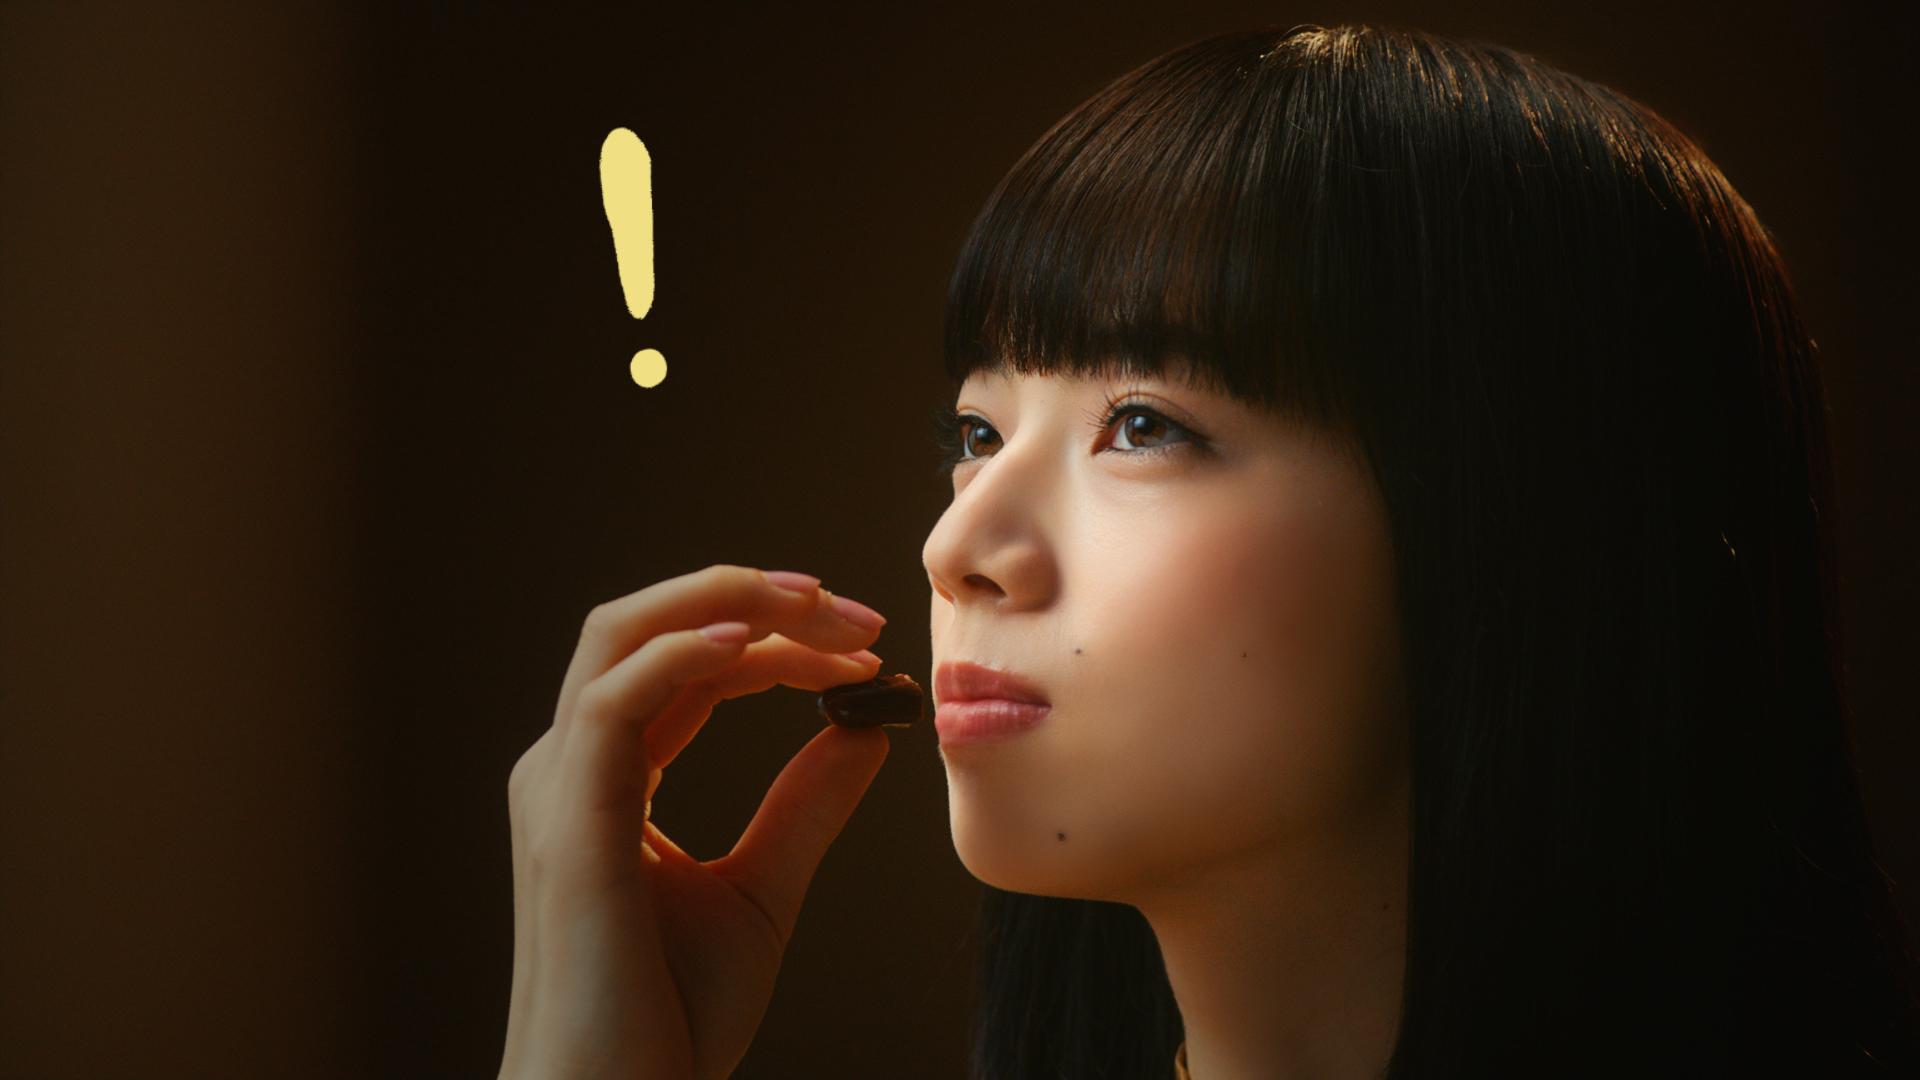 小松菜奈(こまつ なな/NANA KOMATSU 女優)/ガルボCM